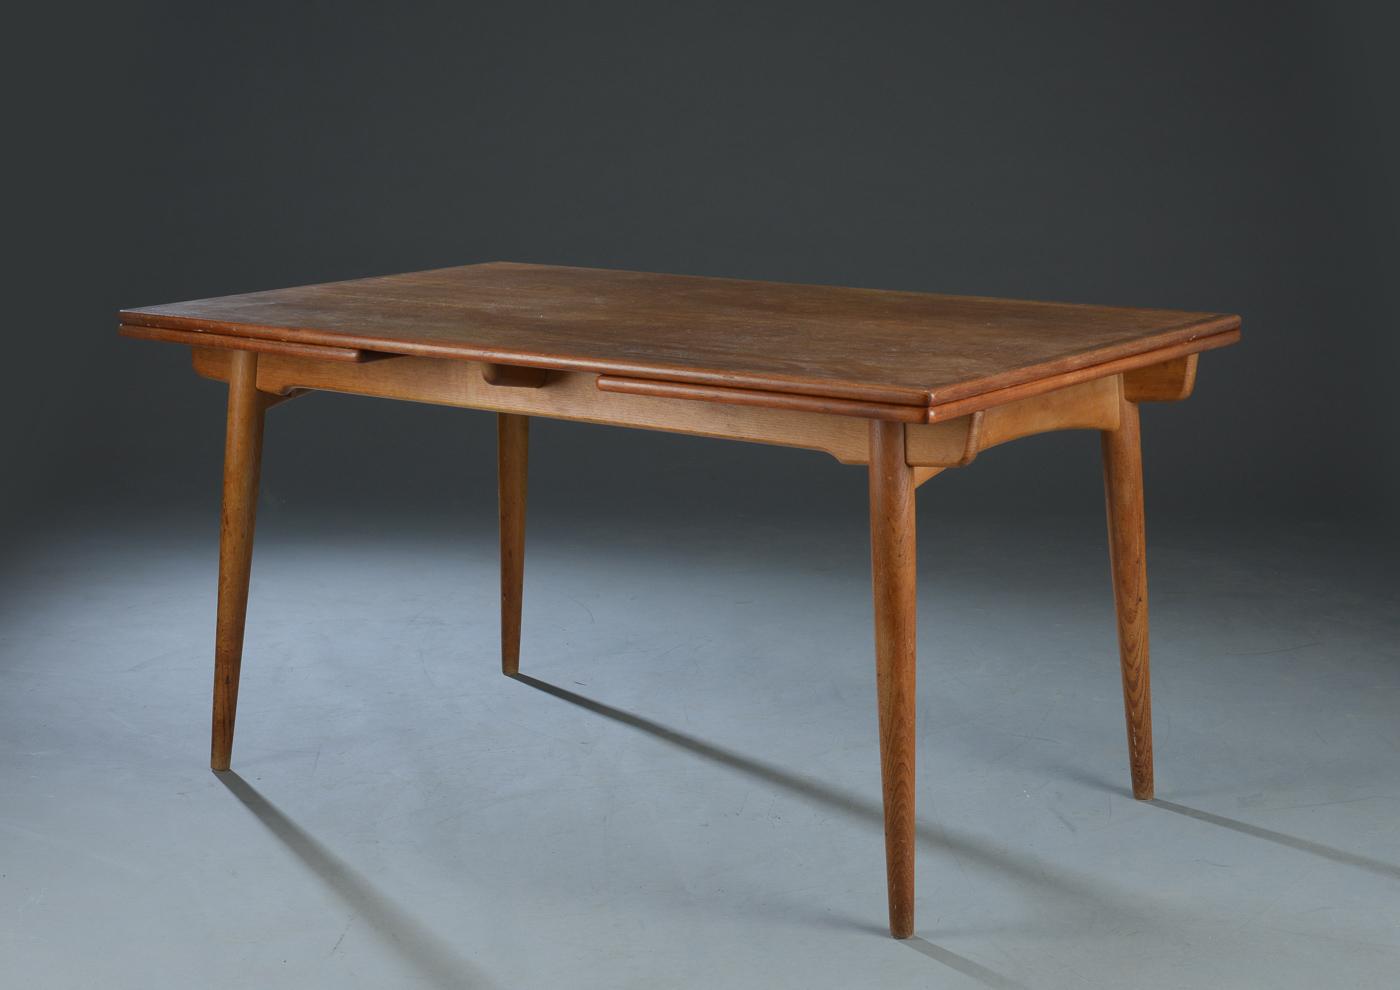 Hans J. Wegner. Spisebord model AT- 312 - Hans J. Wegner (1914-2007). Spisebord af eg- og teaktræ, med hollandsk udtræk, runde tilspidsede ben. Fremstillet hos Andreas Tuck, model AT-312. H. 72, L. 140/240, B. 90 cm. Fremstår med brugsspor herunder ridser og mærker